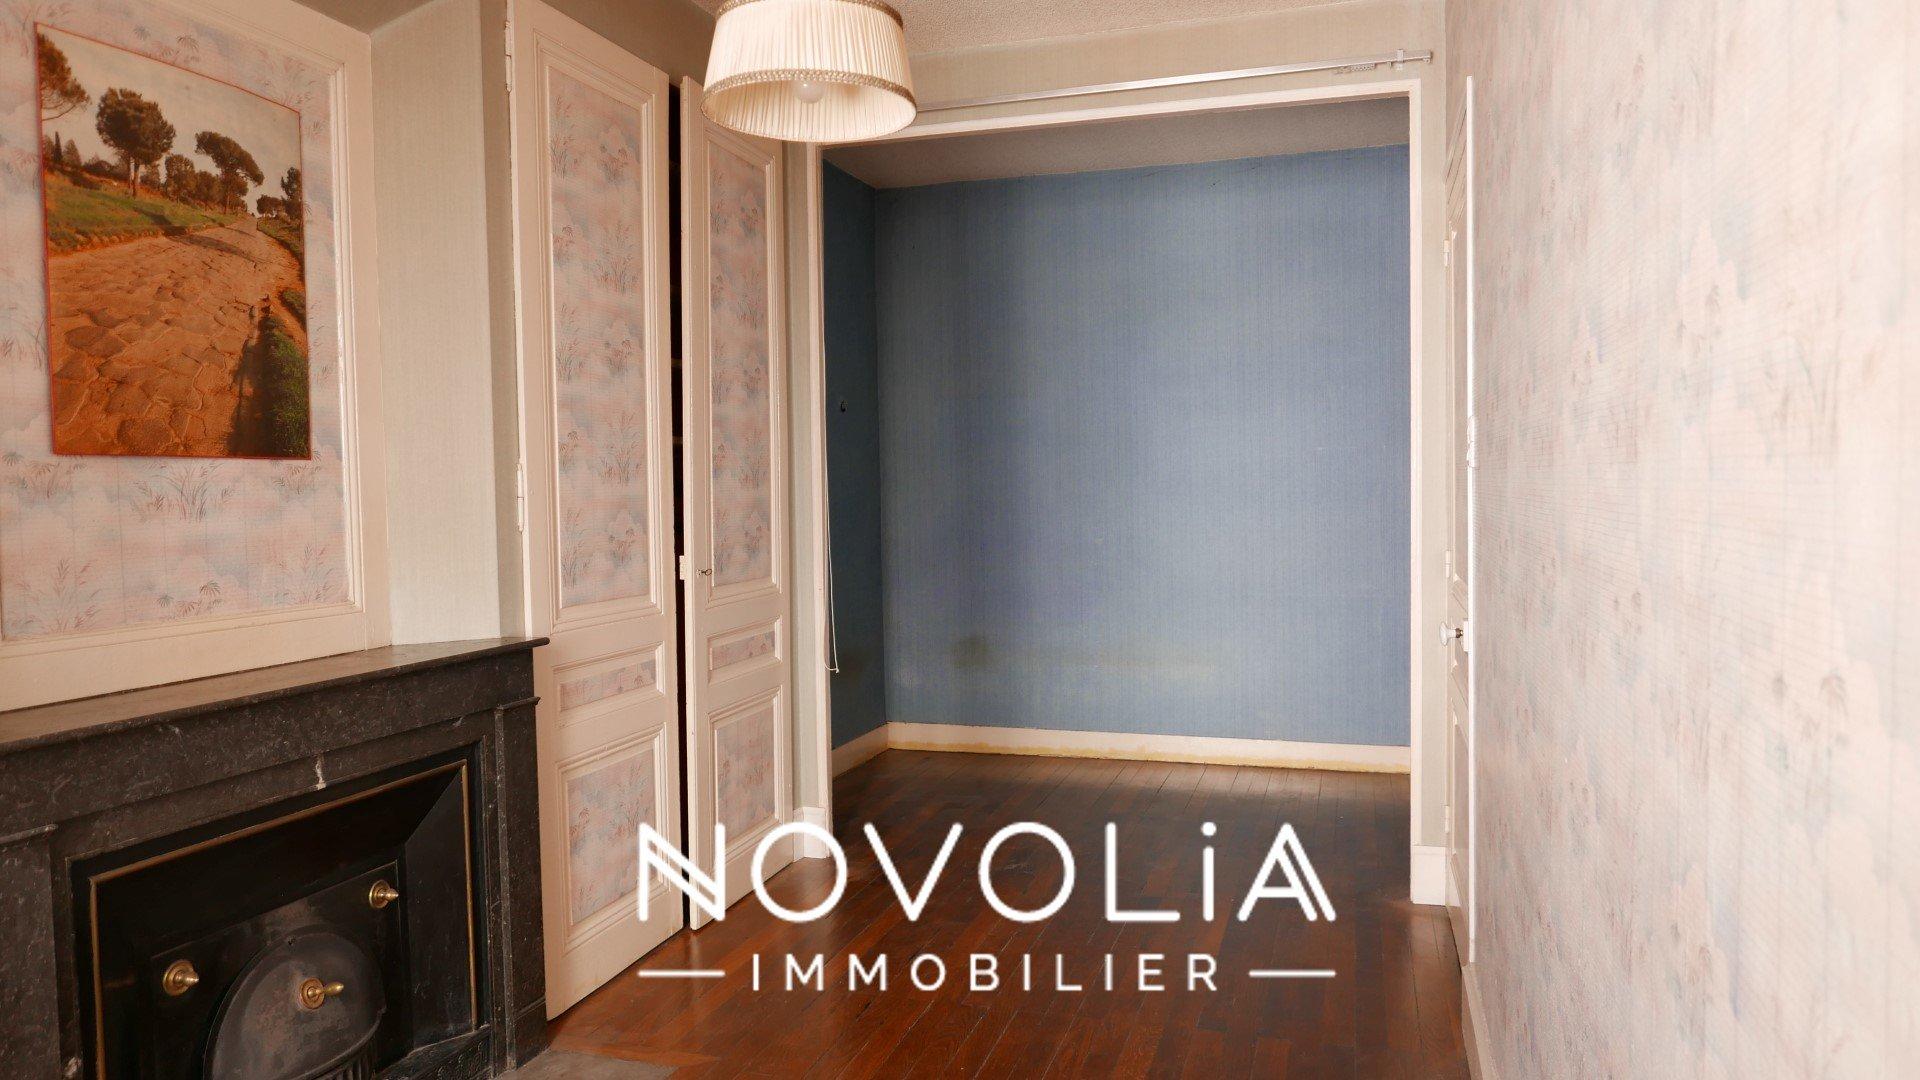 Achat Appartement, Surface de 35.43 m²/ Total carrez : 35.43 m², 2 pièces, Lyon 7ème (69007)